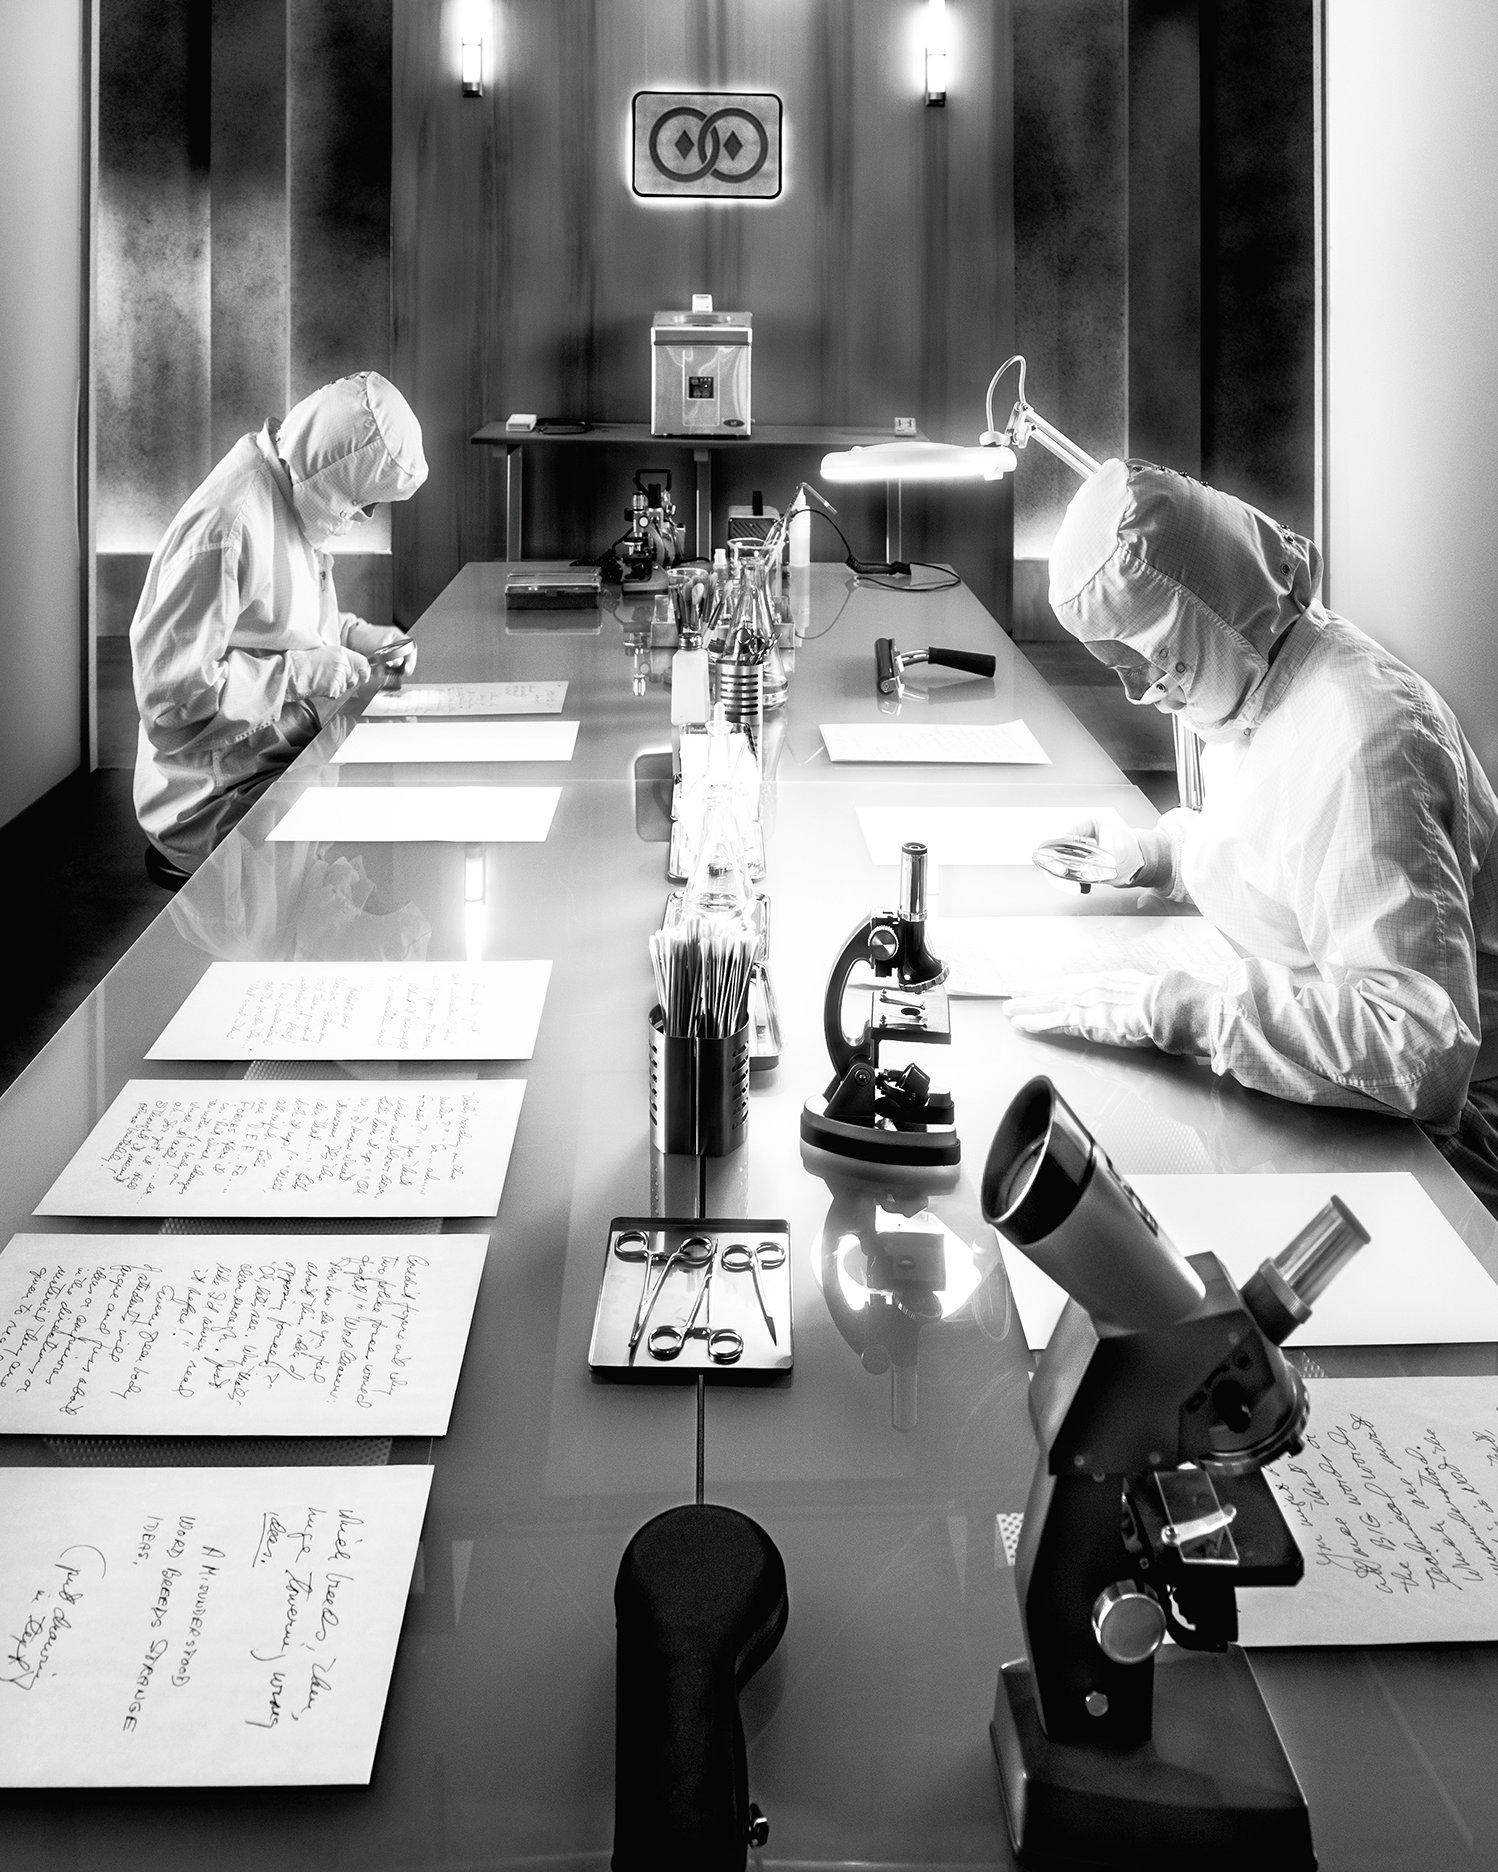 Scientology-archiválóprojekt